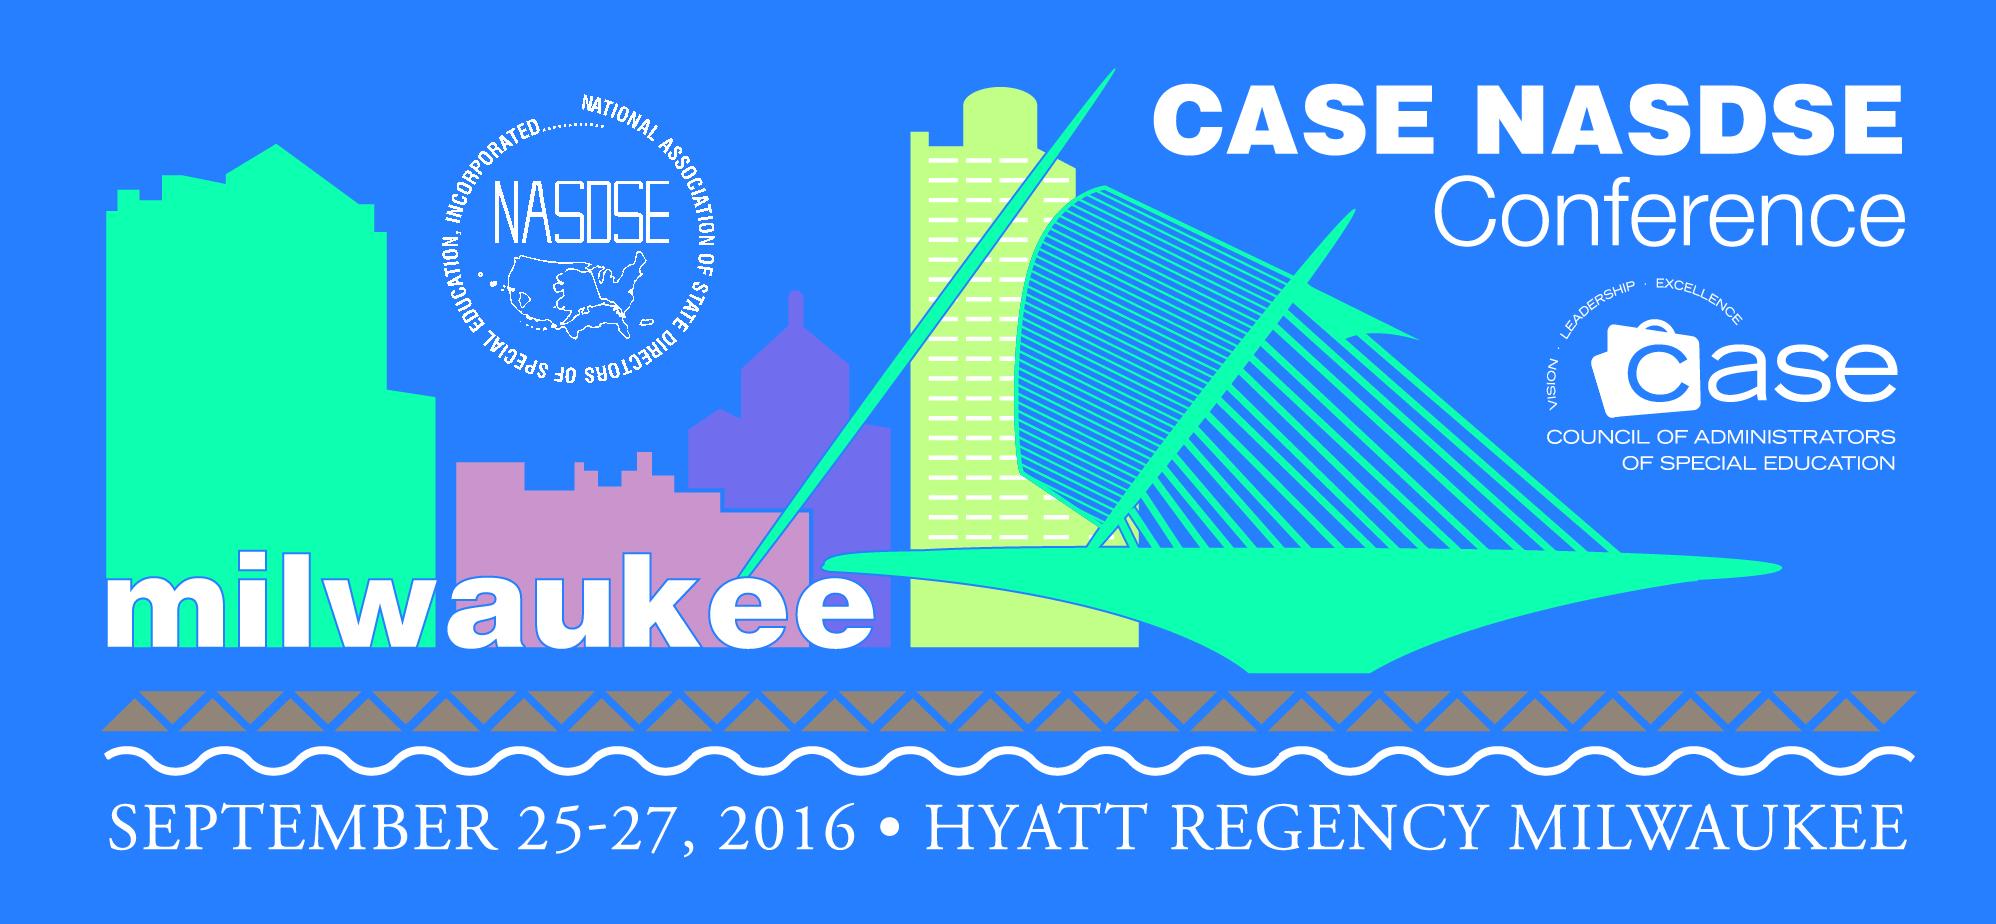 CASE NASDSE Conference